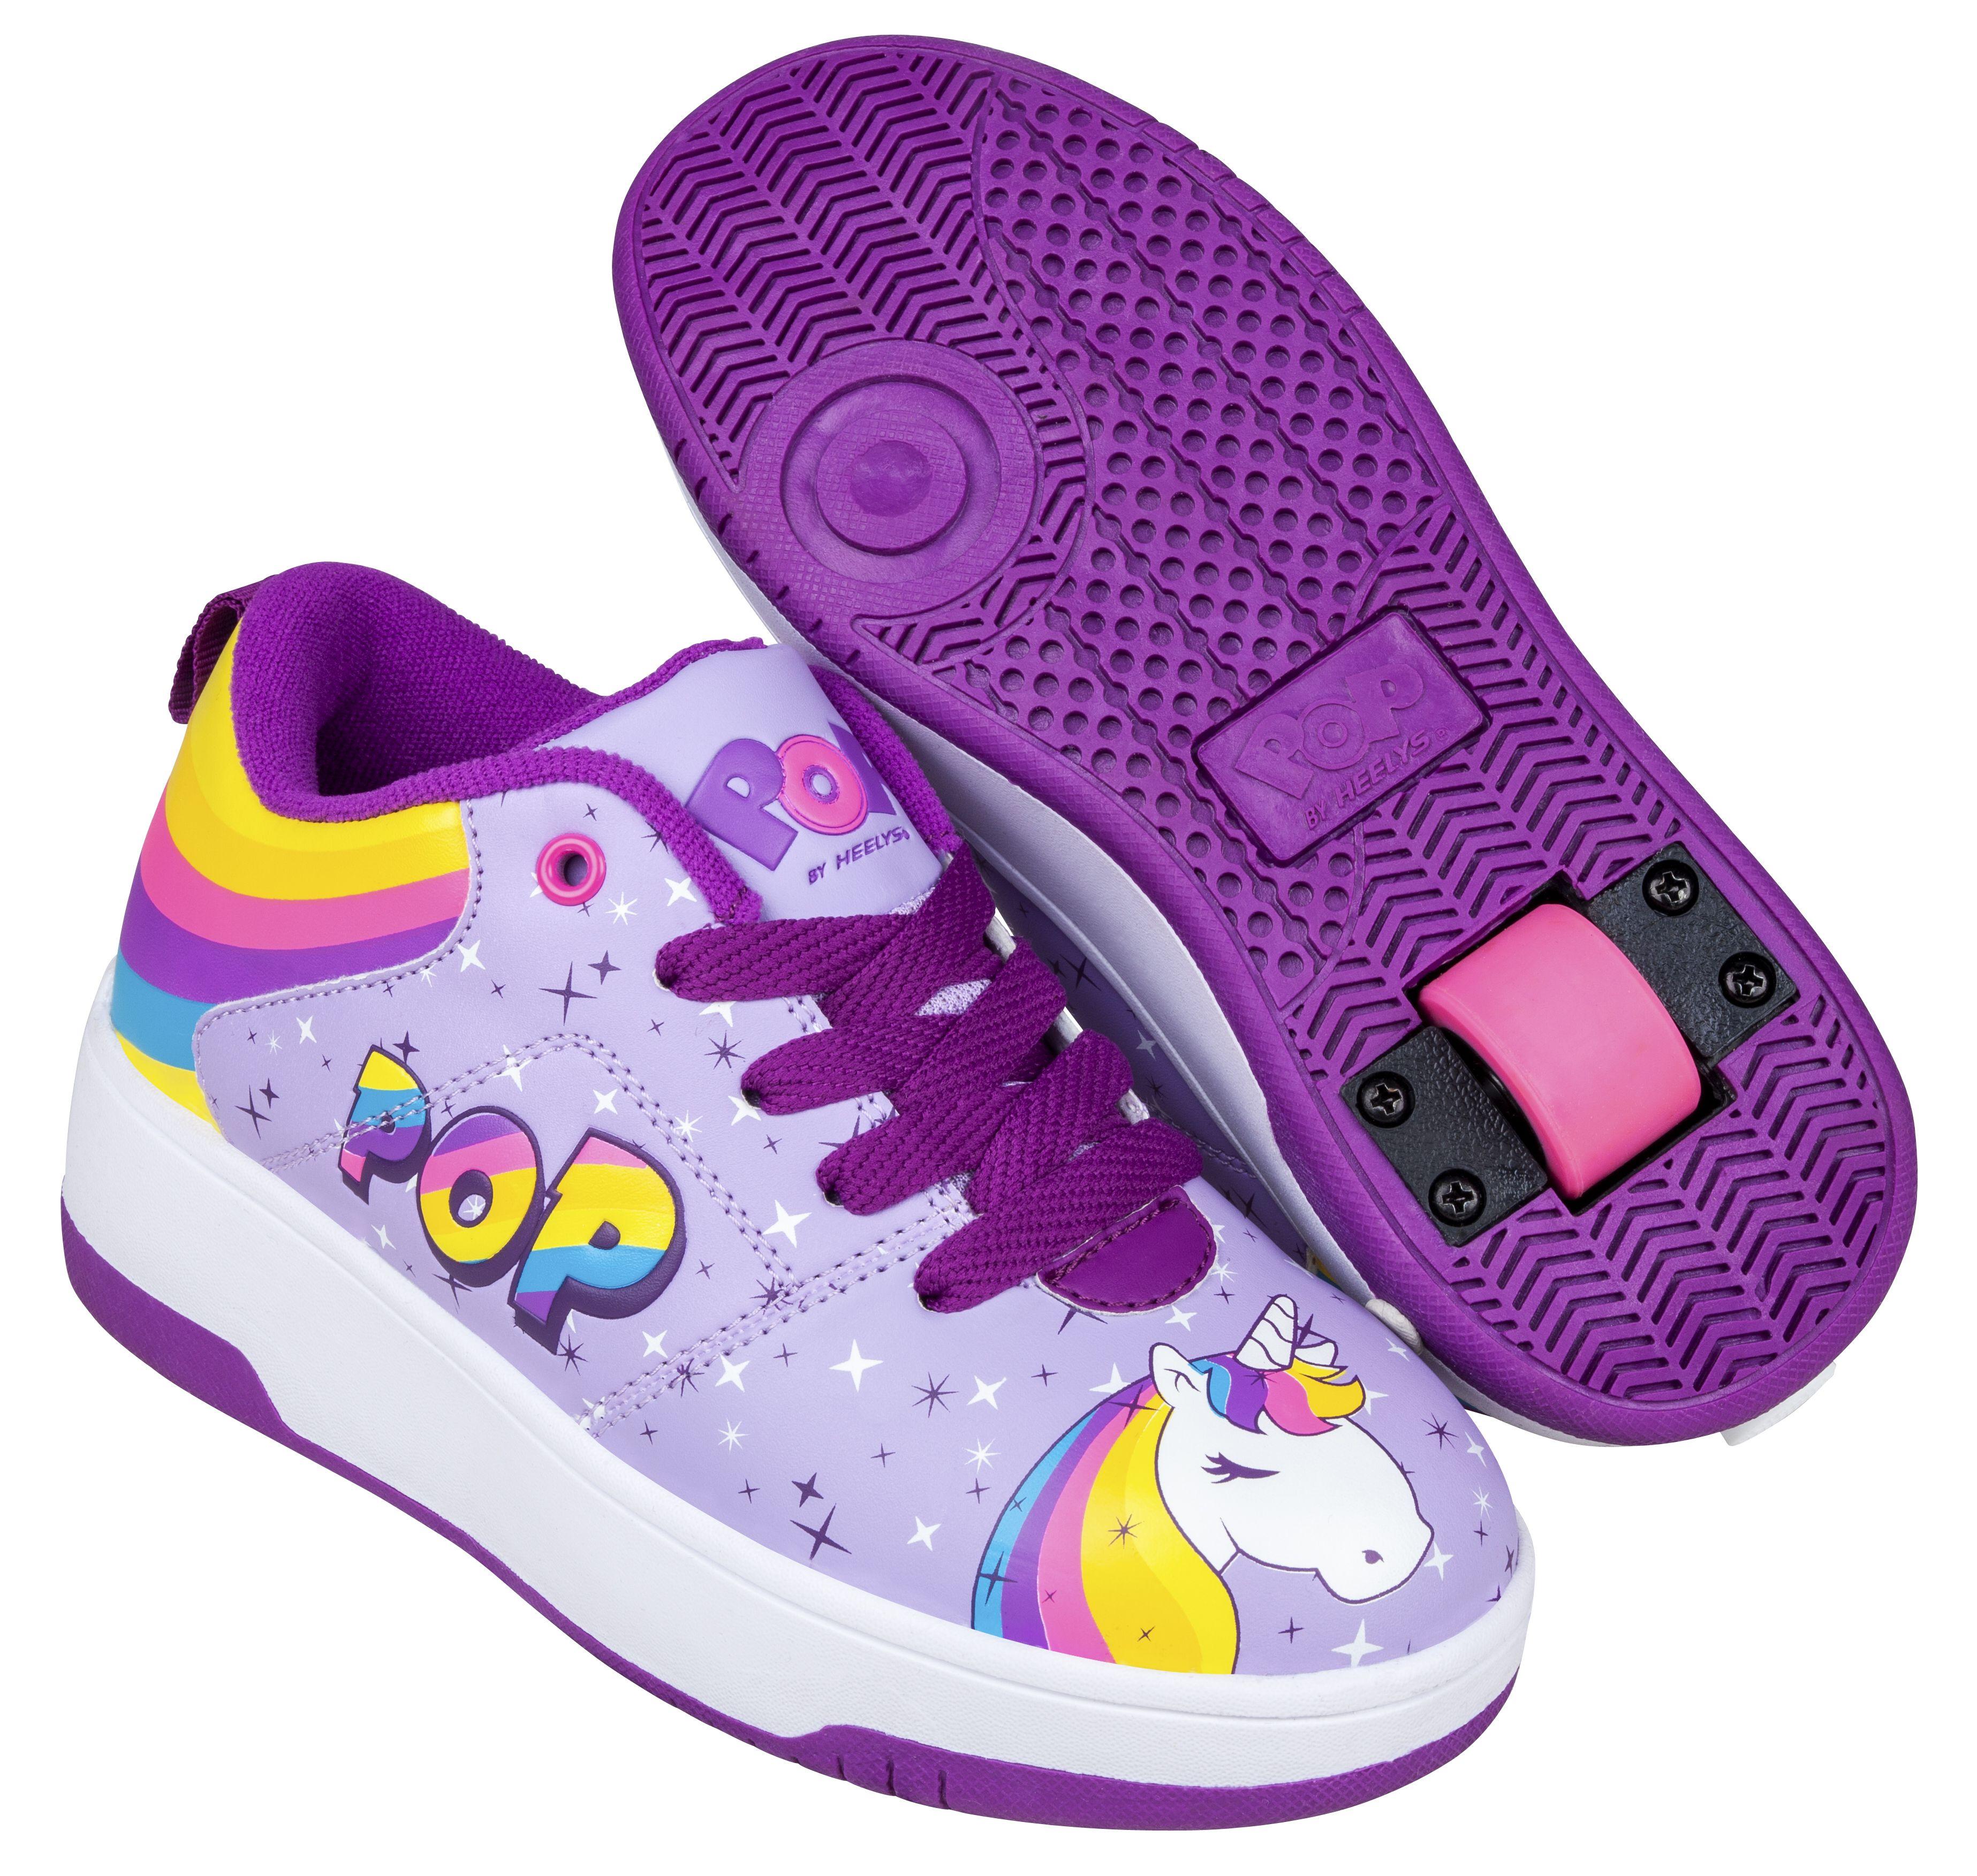 Heelys - POP Shoes - Purple (Size 35) (POP-G1W-0066)